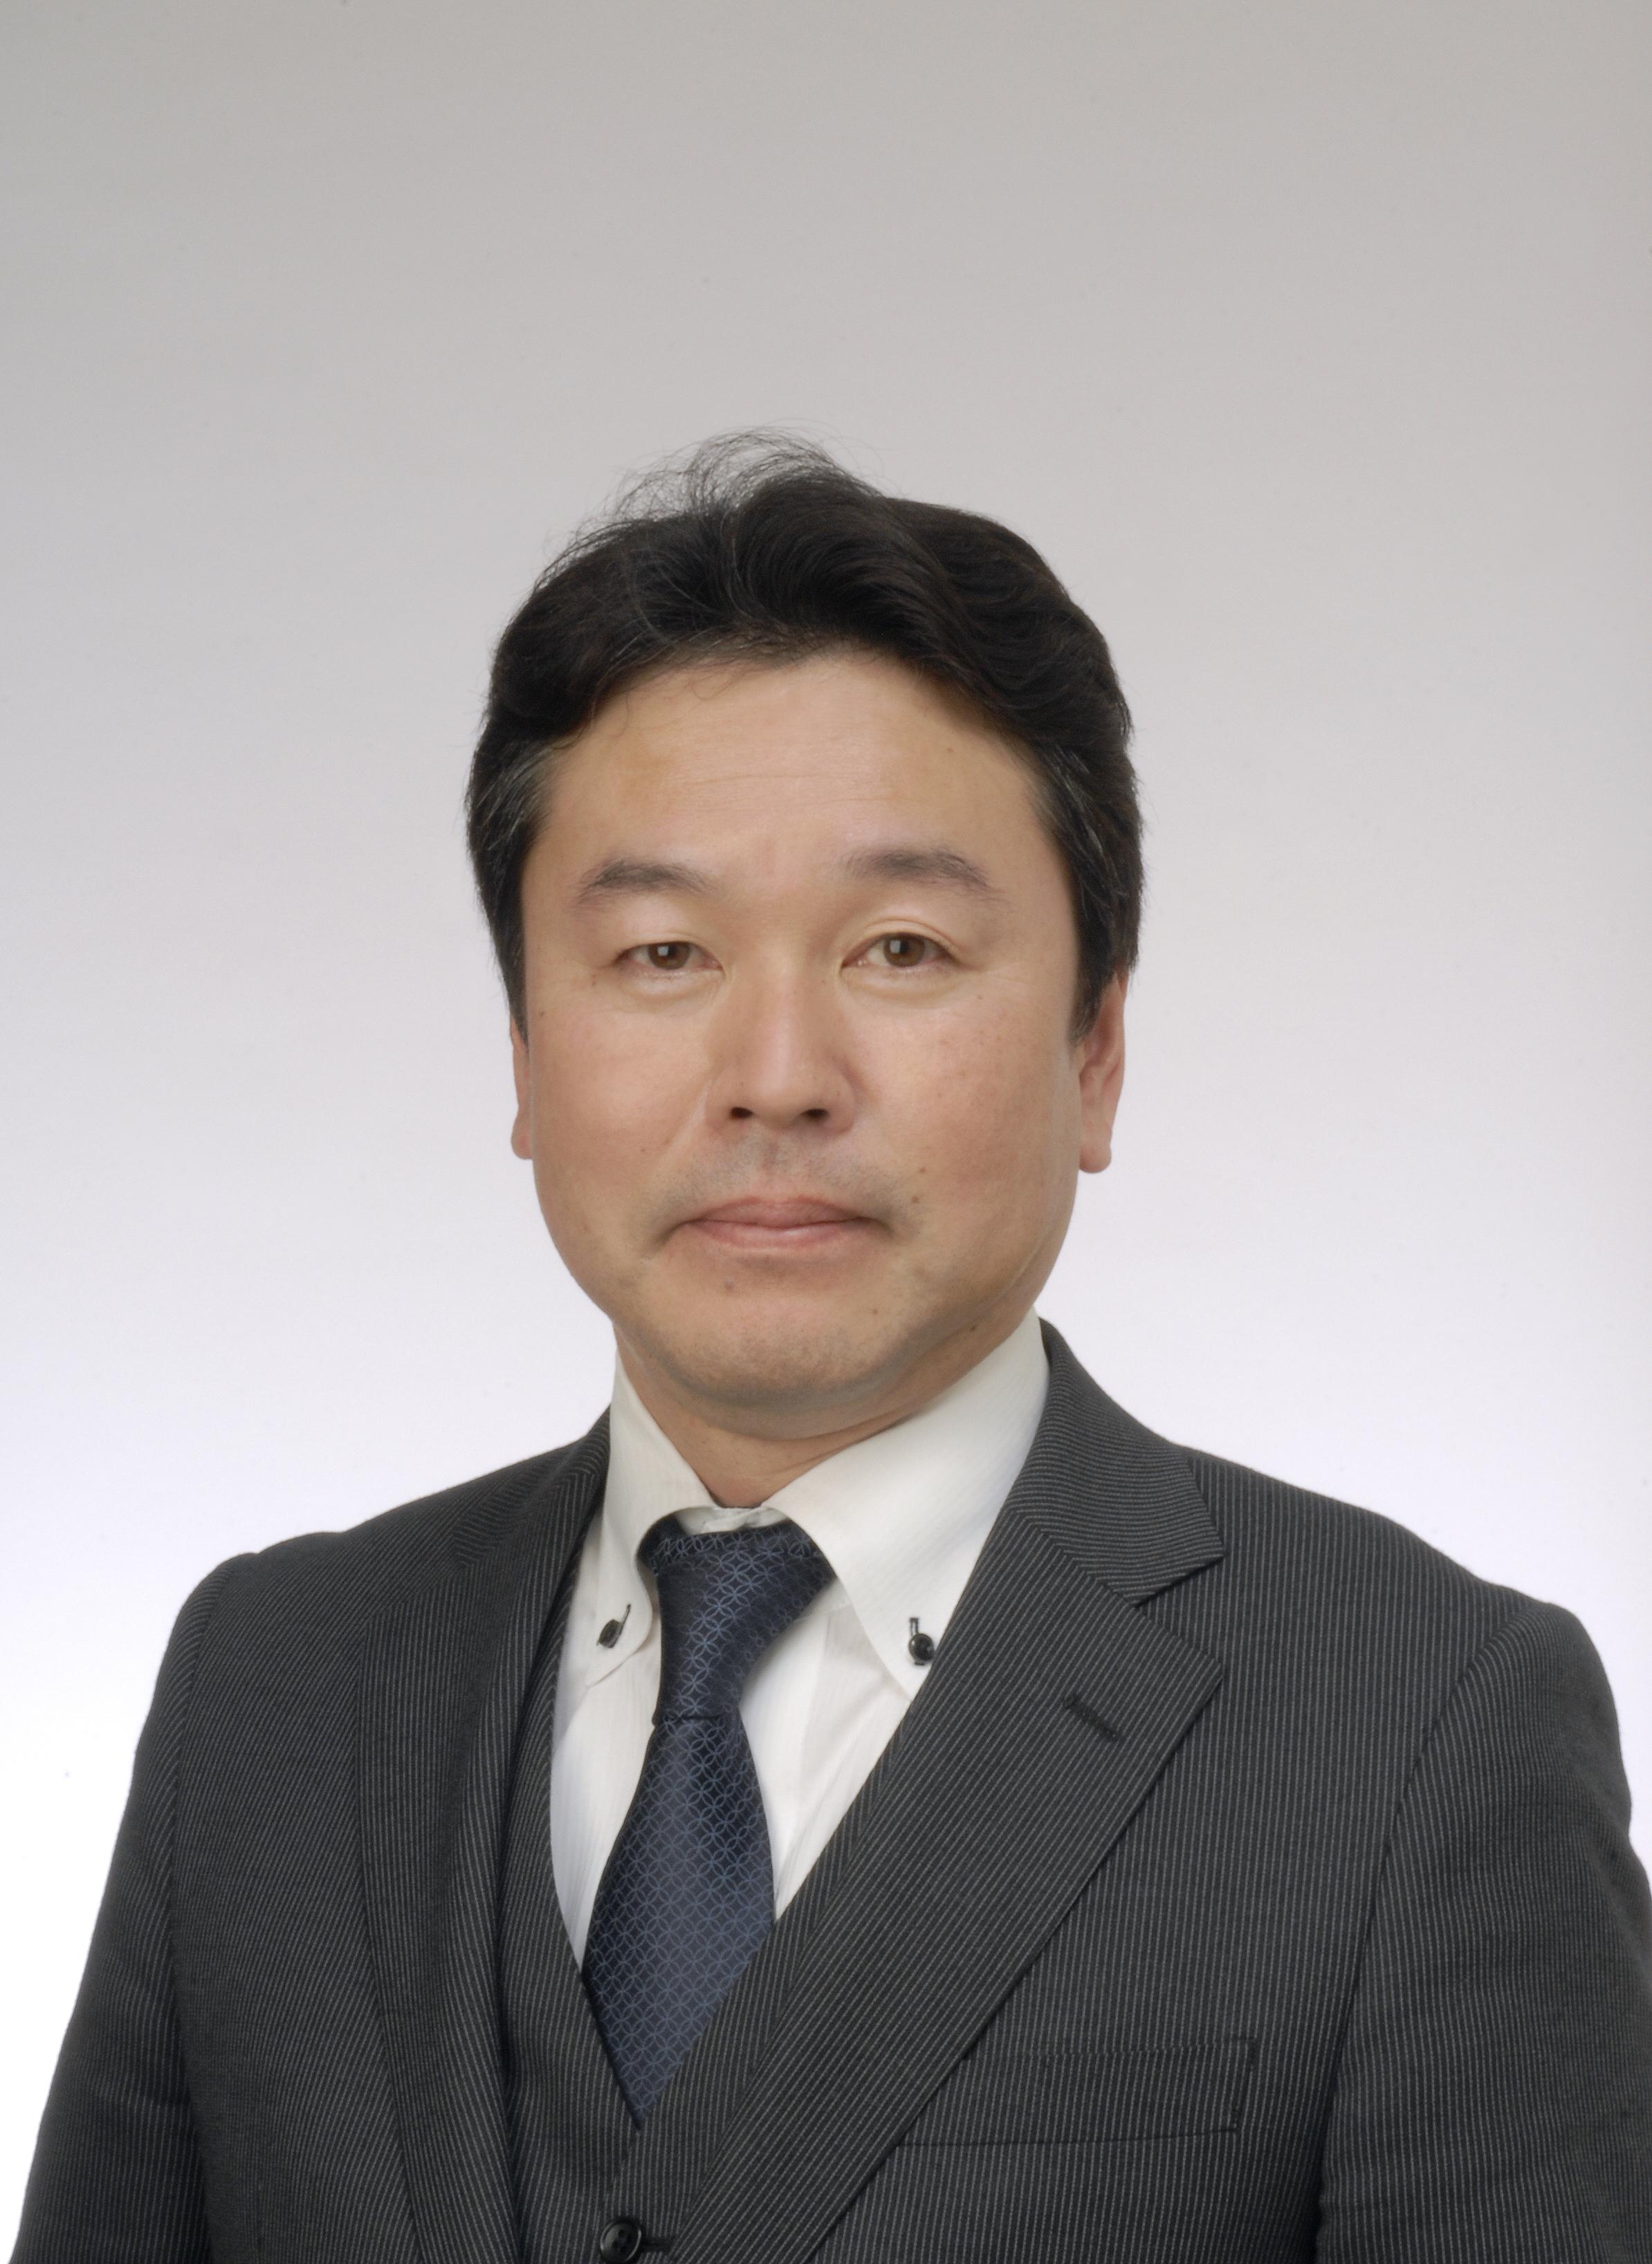 東央建設代表者の写真